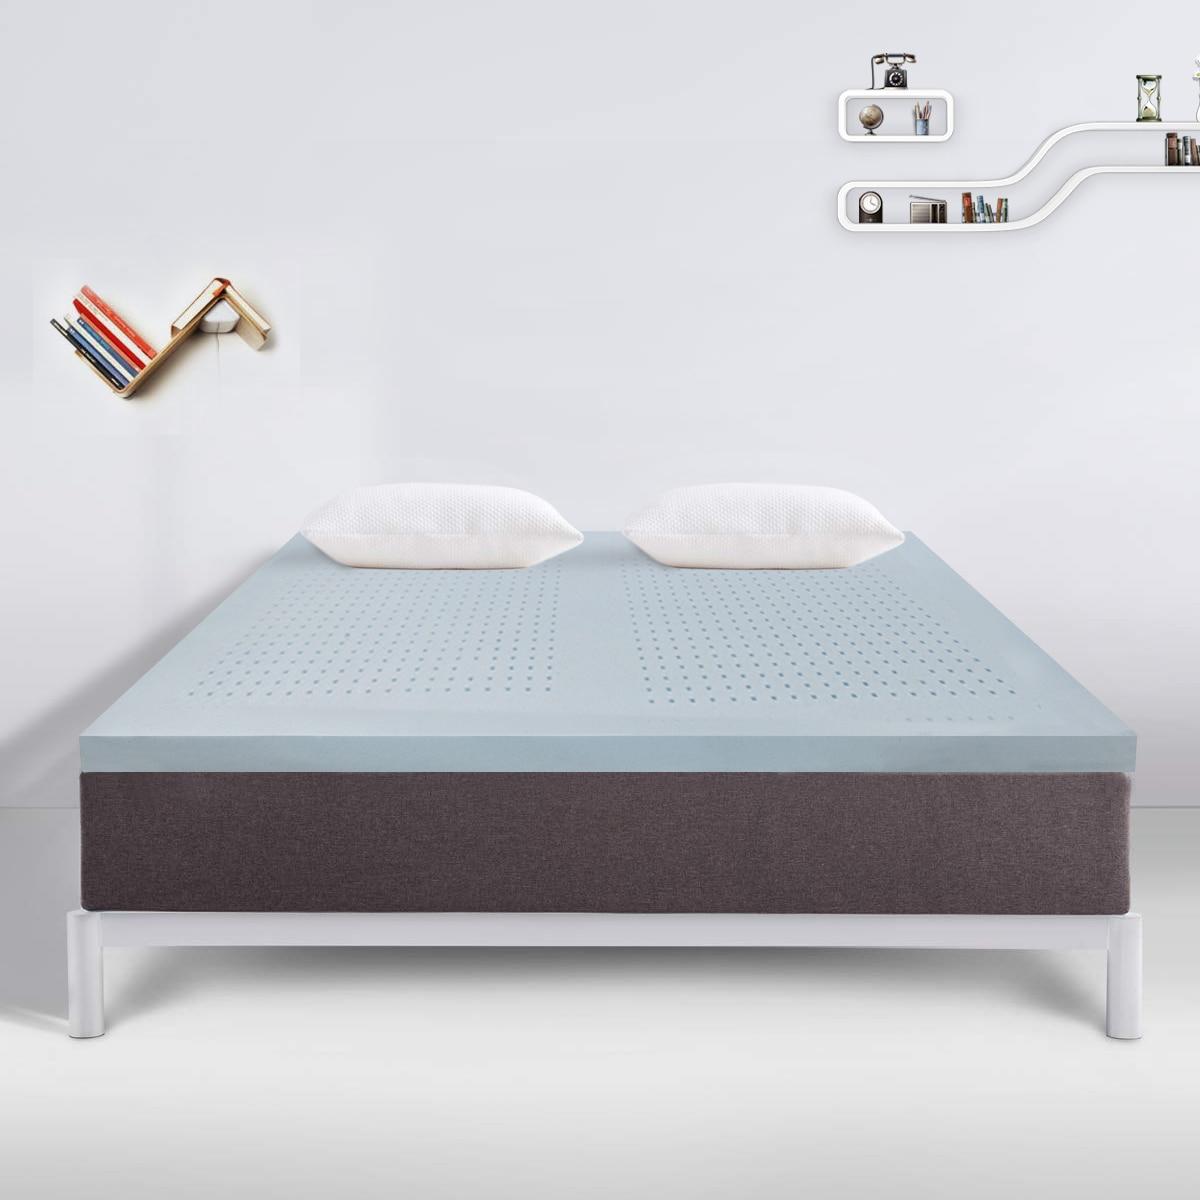 Wohnmöbel PüNktlich 3 einzigen Schicht Gel Partikel Firma Speicher Schaum Baumwolle Mattres Frühjahr Hohe Weichheit Komfort Matratze Perfekte Schlaf-uns Lager Möbel